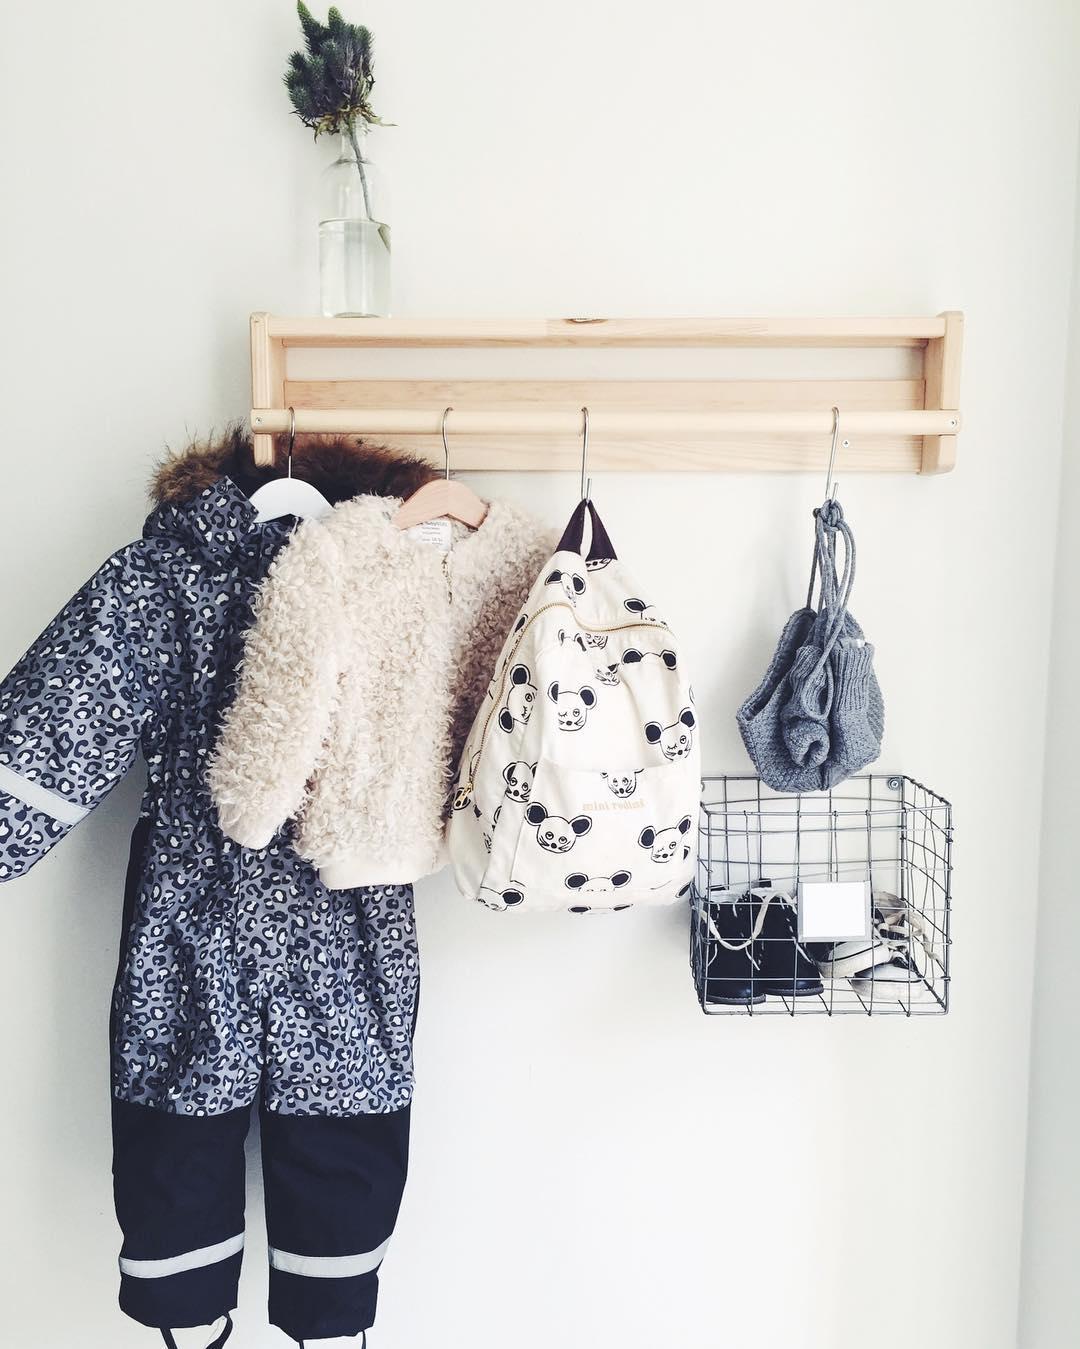 étagère Ikea bois retourné chambre enfant bleu blanc fourrure plume blanche - blog déco - clem around the corner